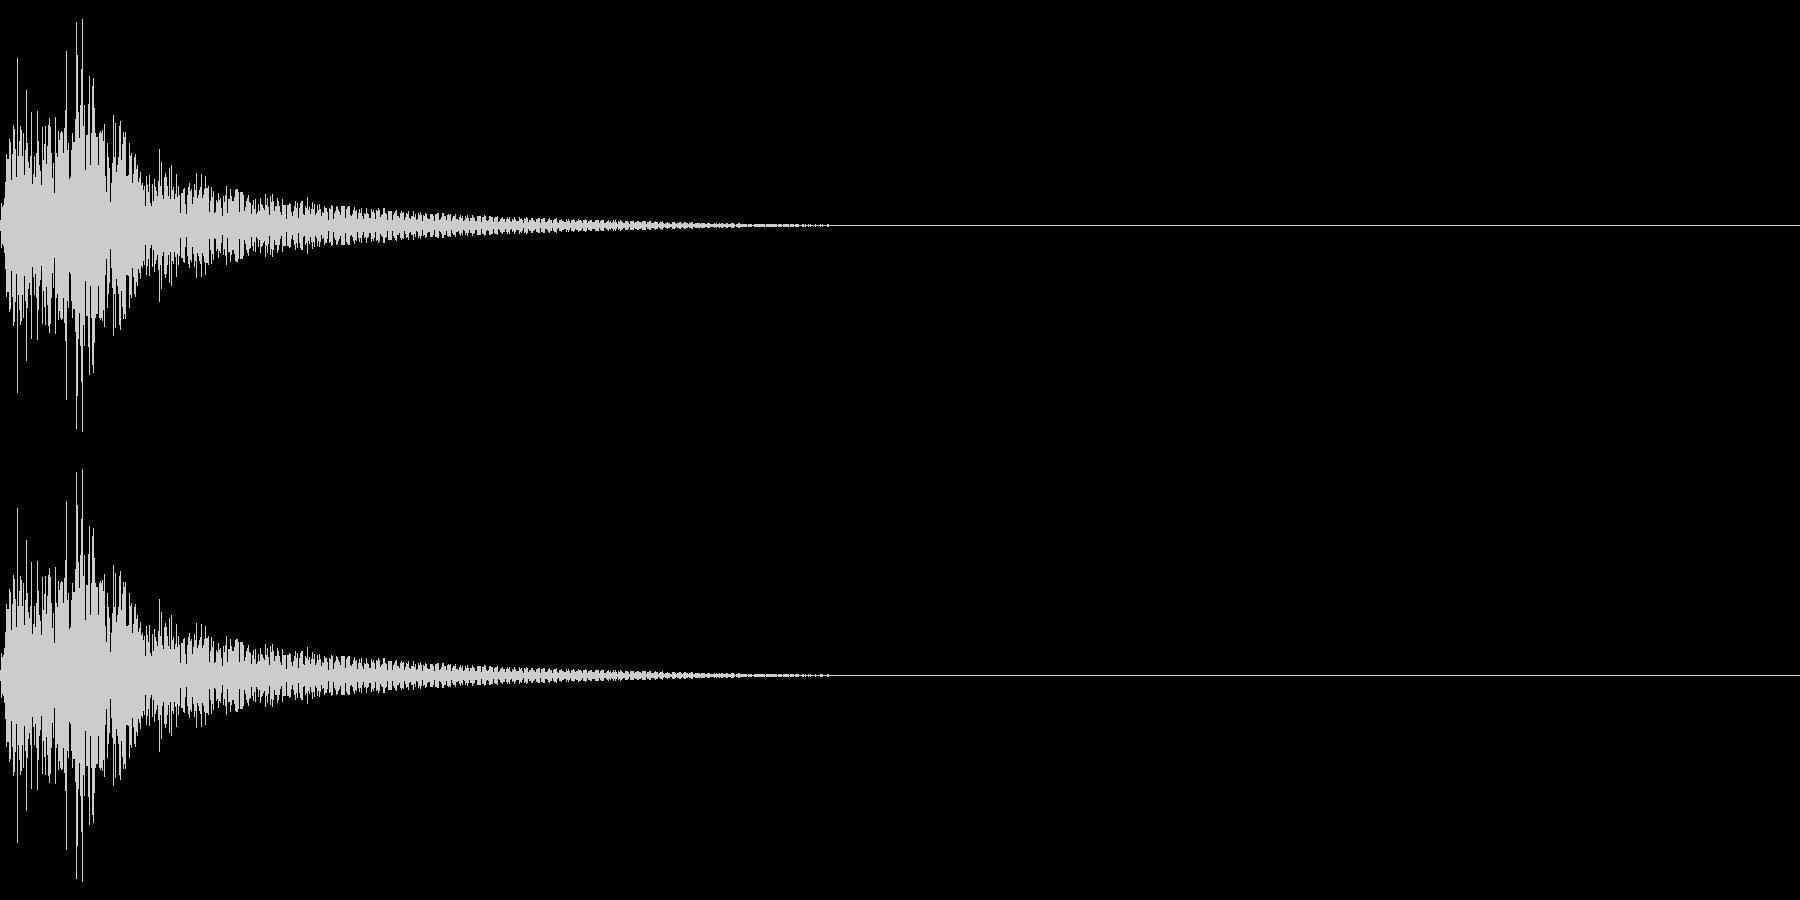 クリック音を想定しました。シンセサイザ…の未再生の波形